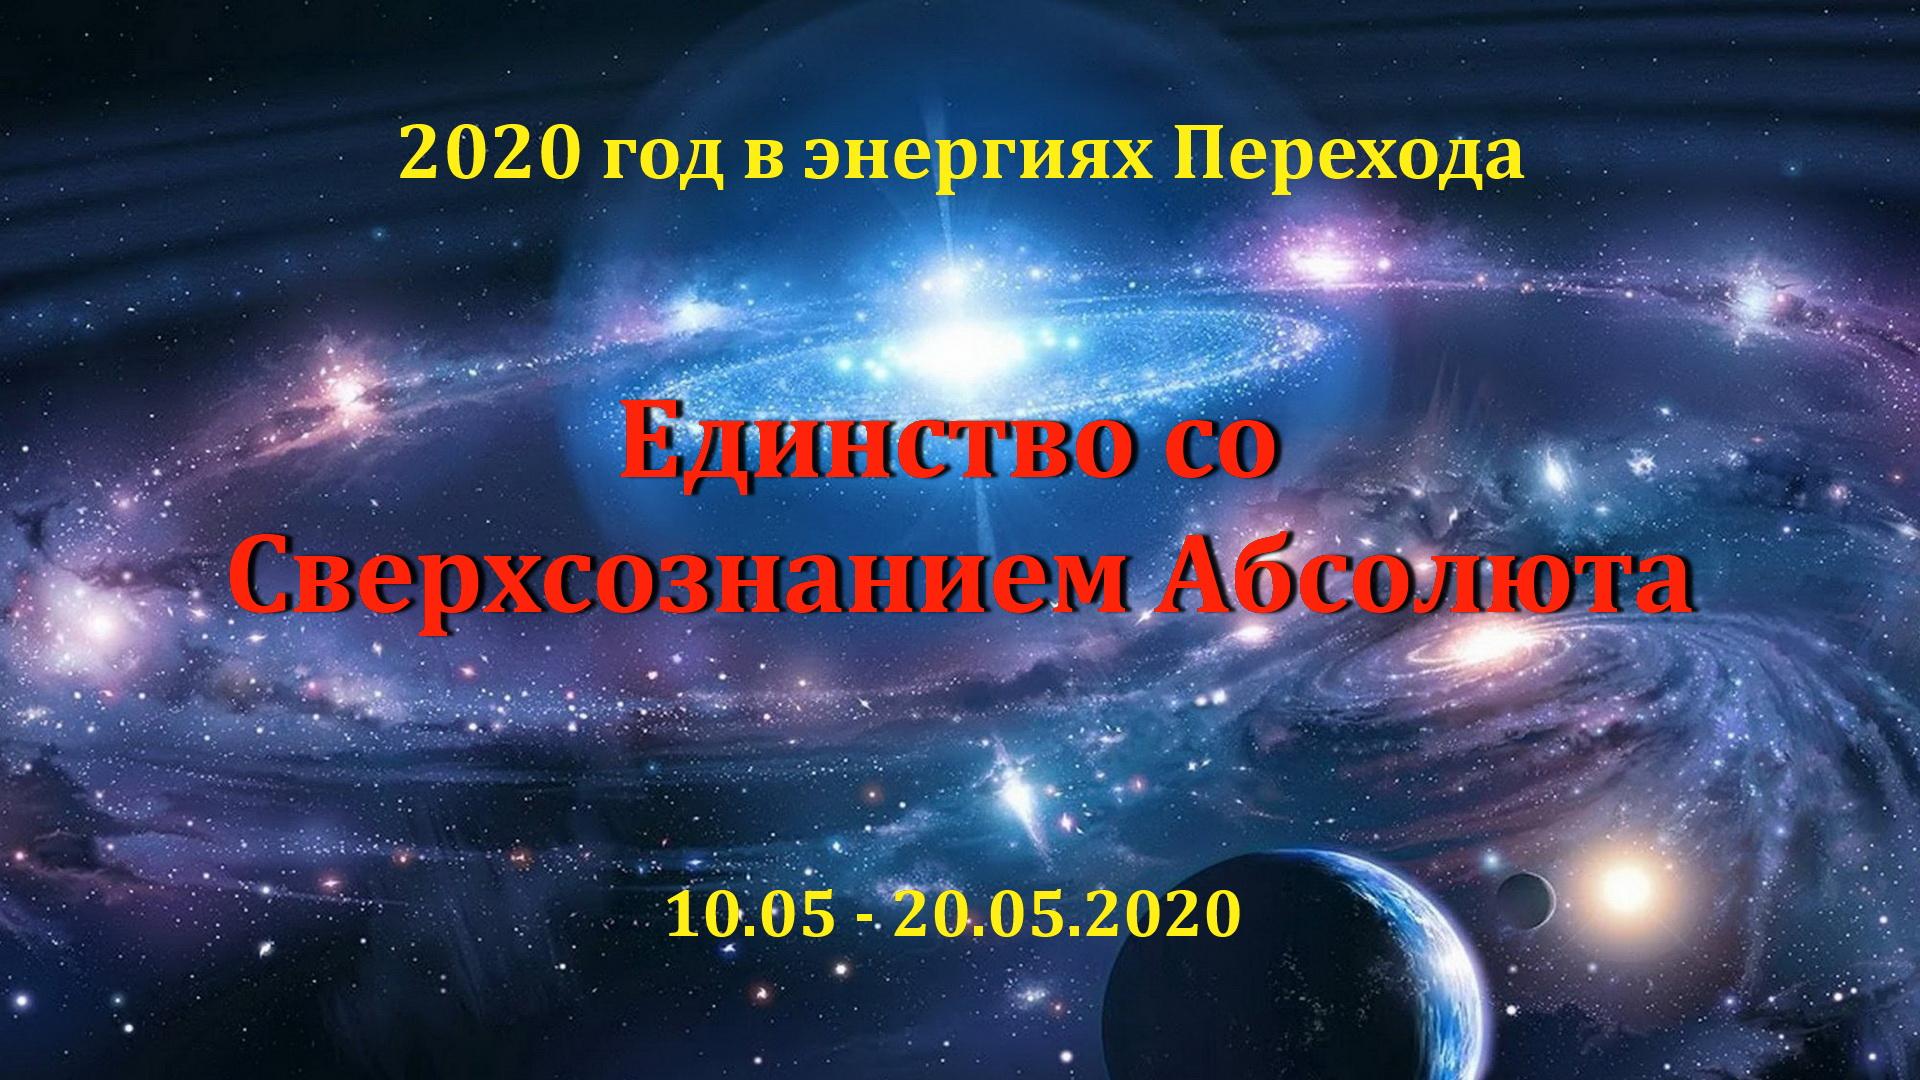 13-й цикл завершения в энергиях Перехода Цикл – Единства Сверхсознания. Точка завершения – 20.05.2020